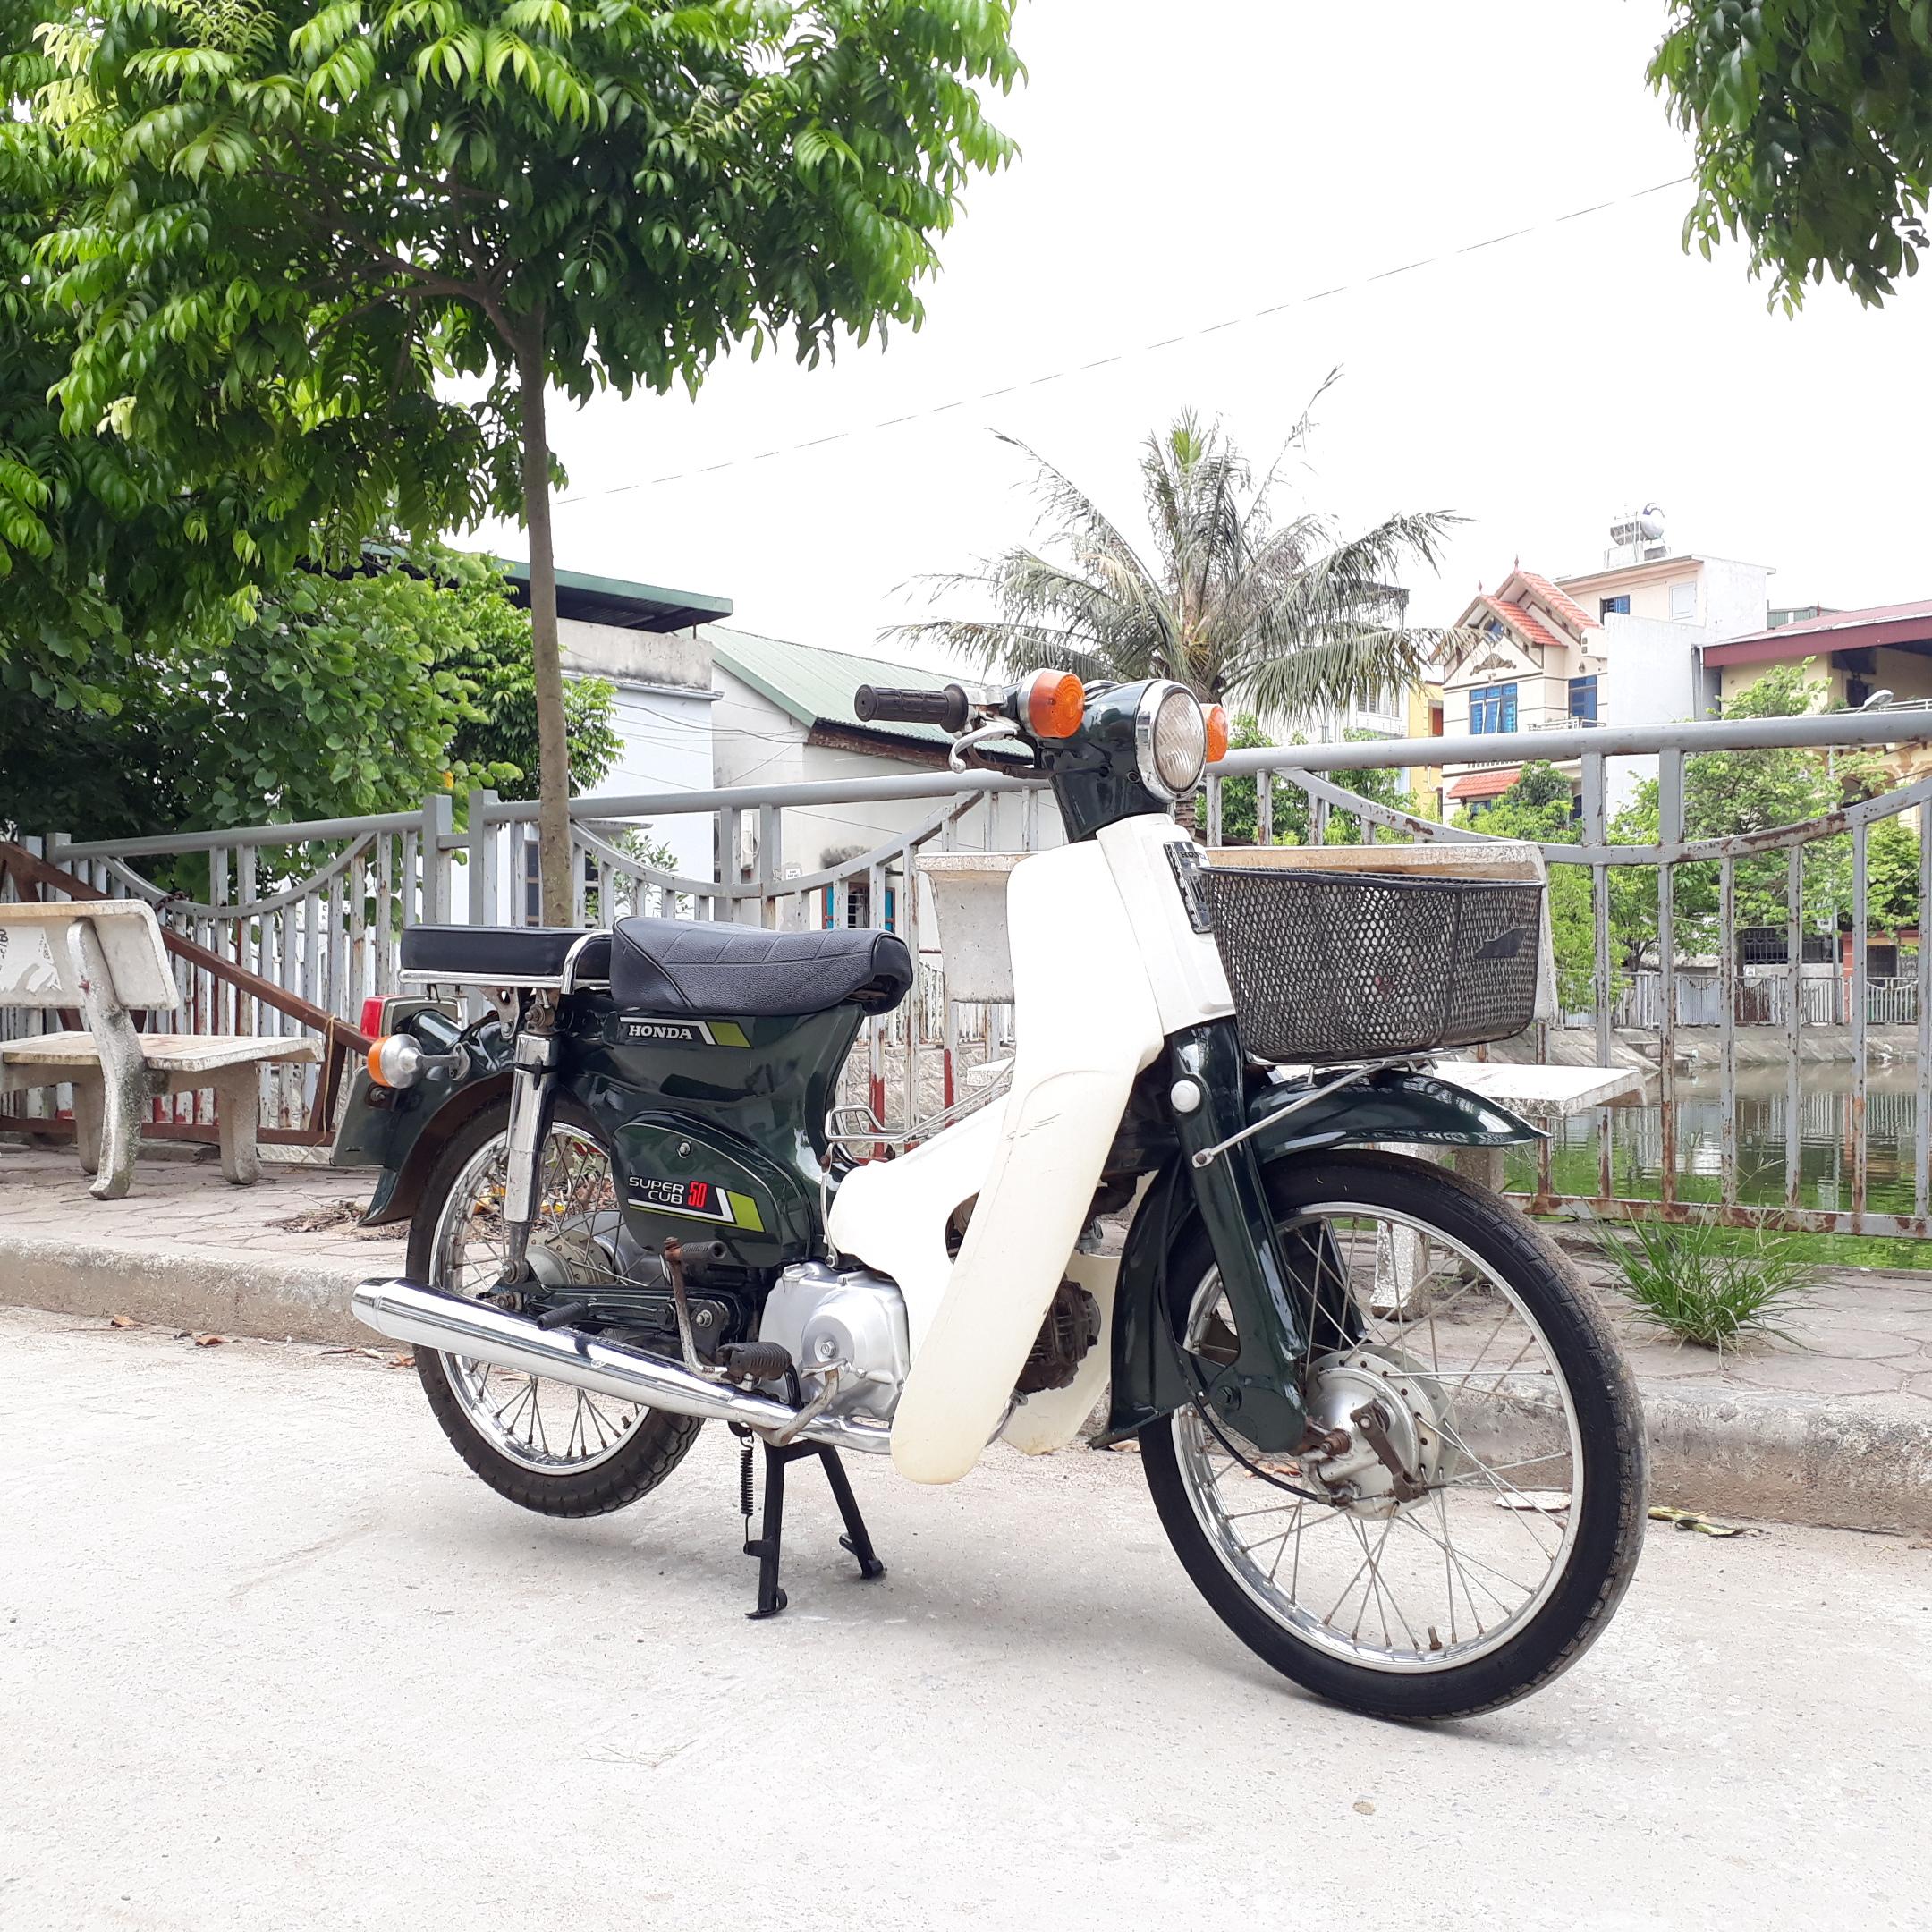 Cub 81 50cc Honda Nhật Bản biển số Hà Nội 29